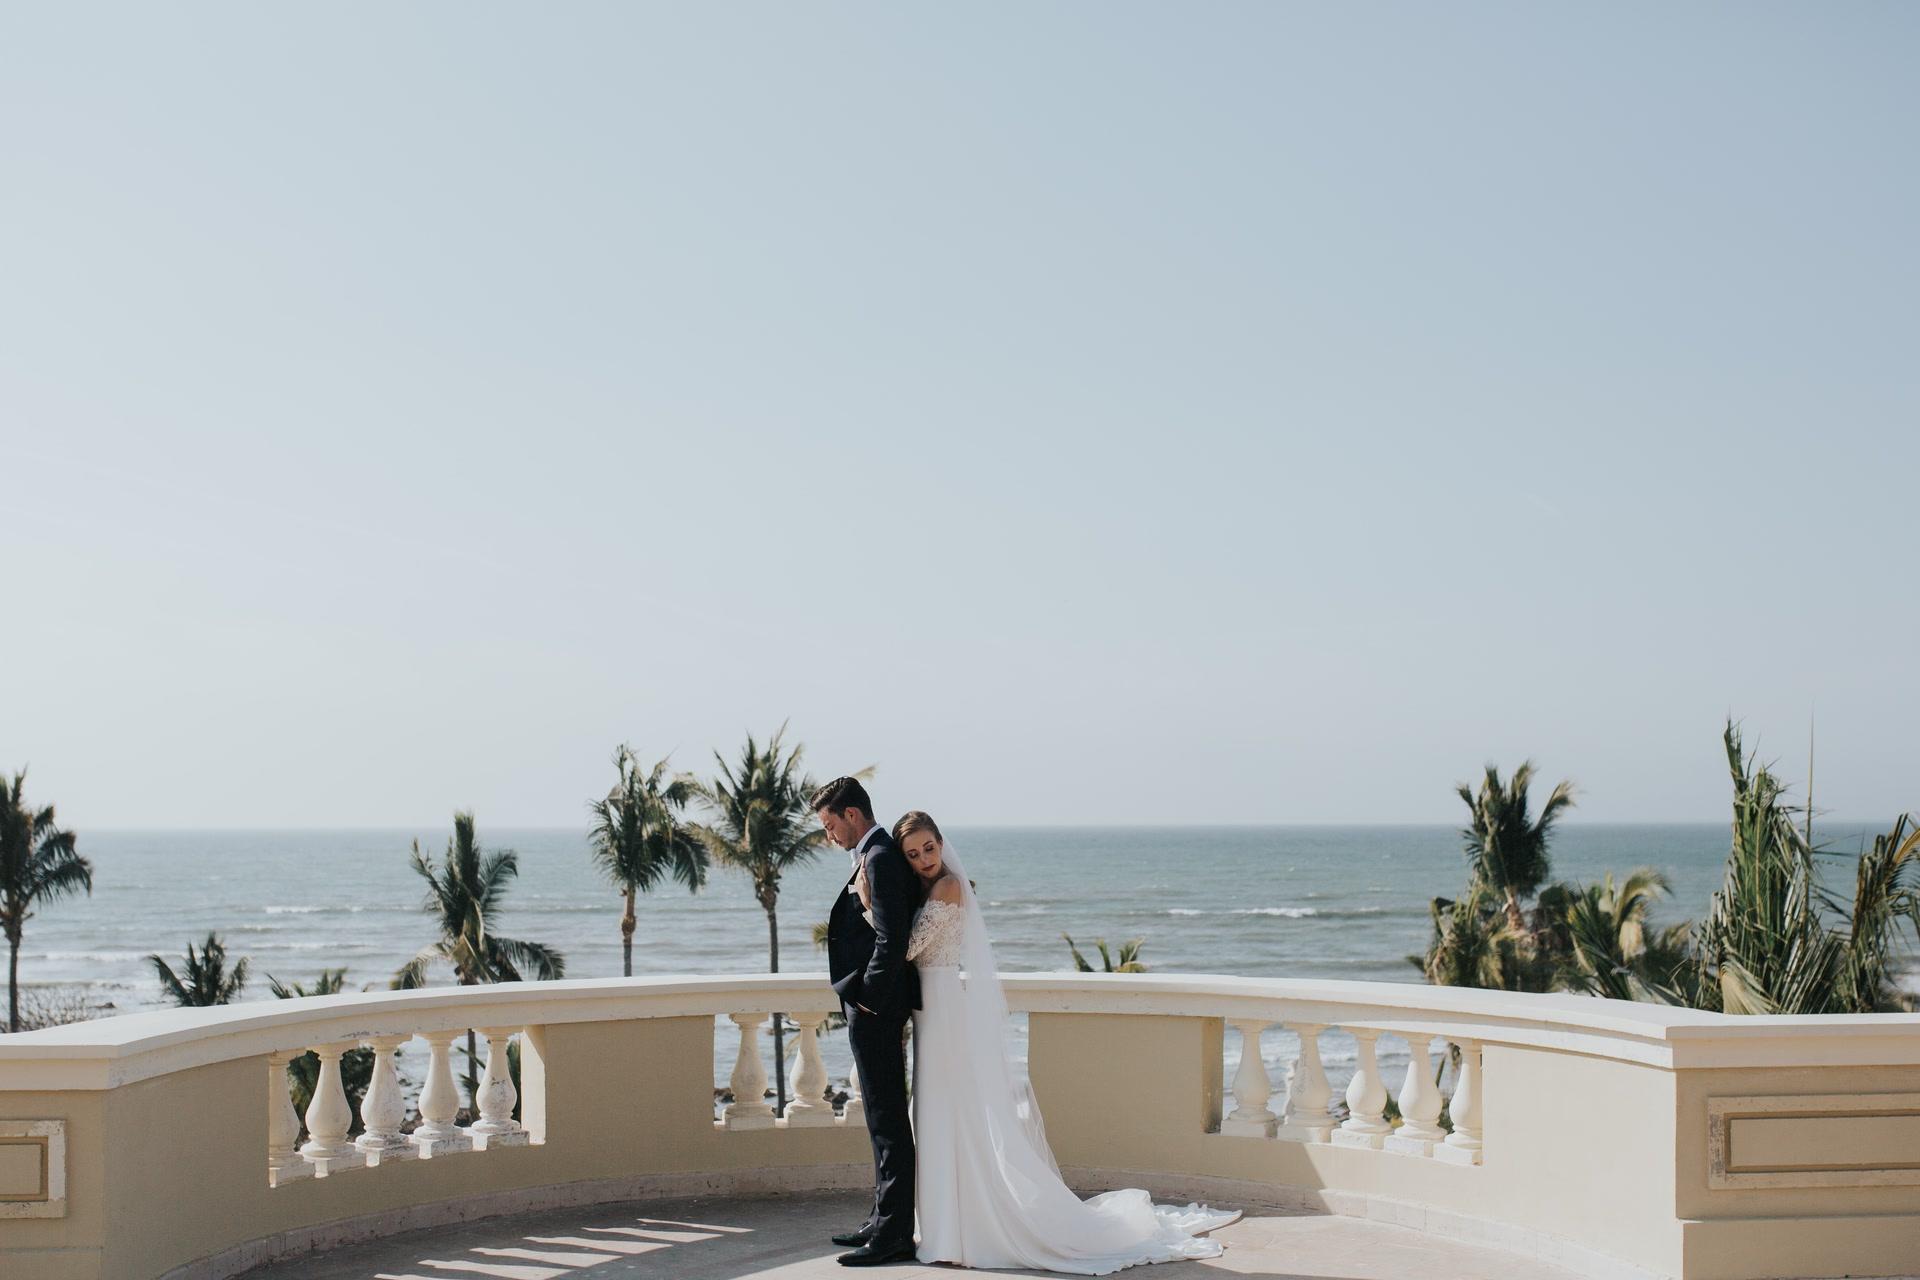 Megan + Maryo   Mazatlán, Mexico   Hotel Pueblo Bonito Emerald Bay & Baraka Beach Club